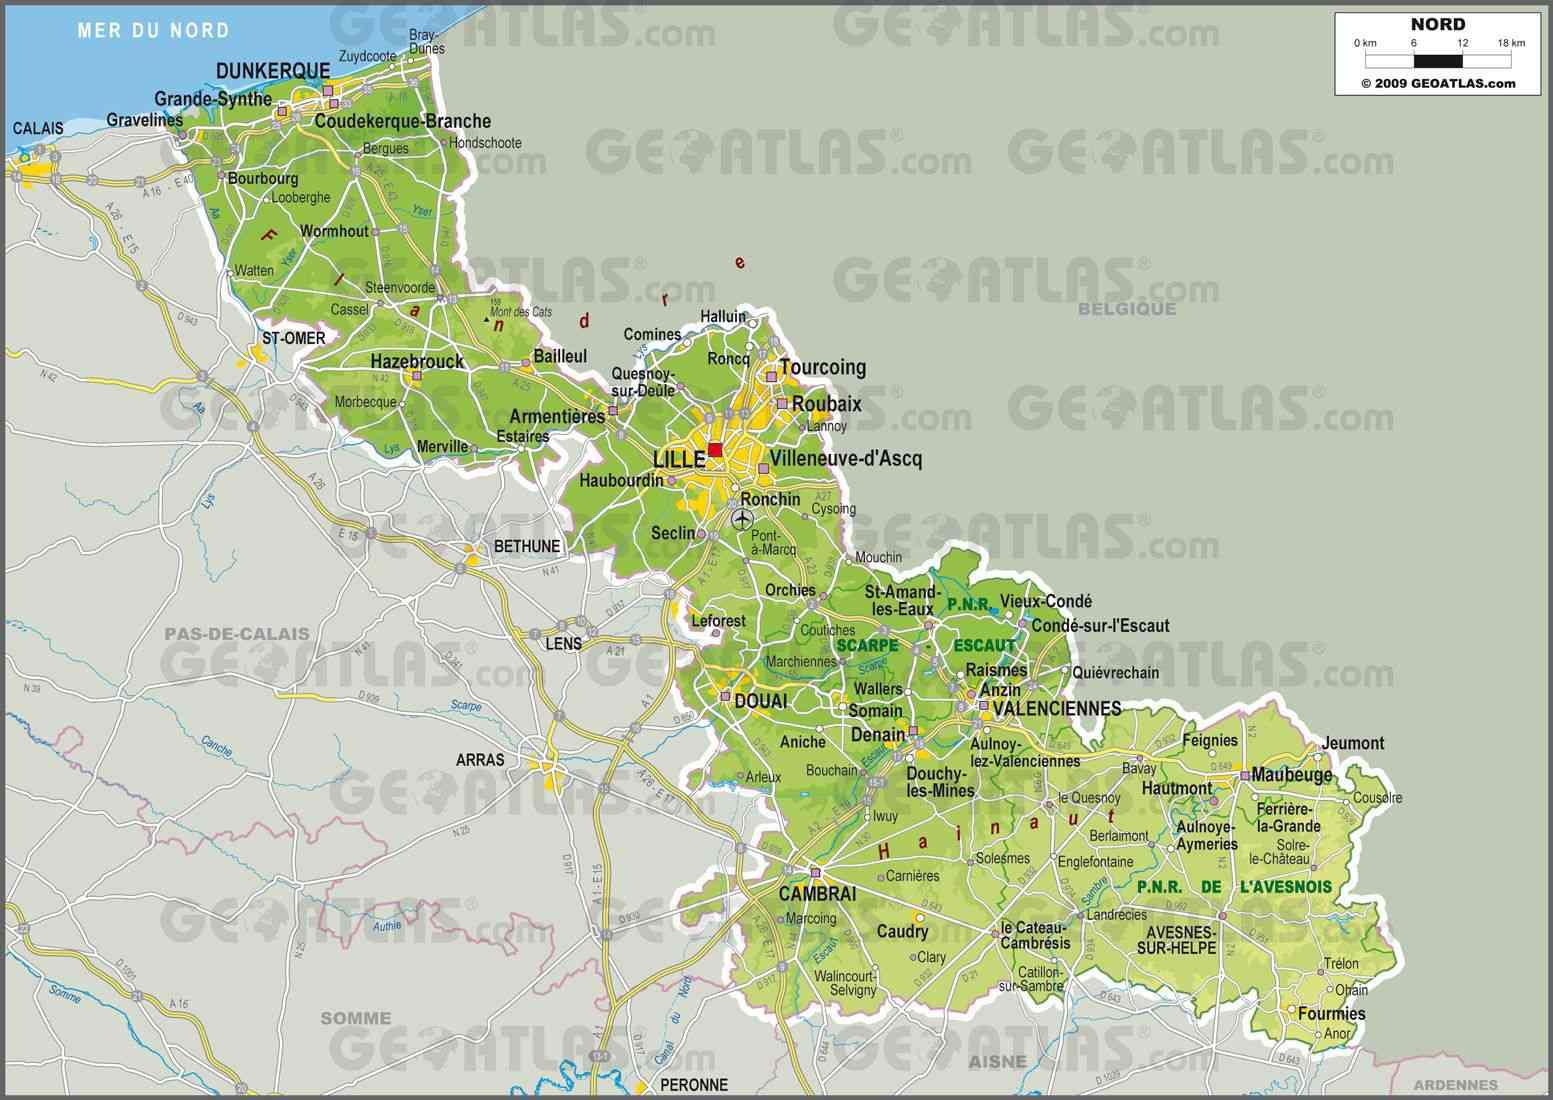 la carte du nord